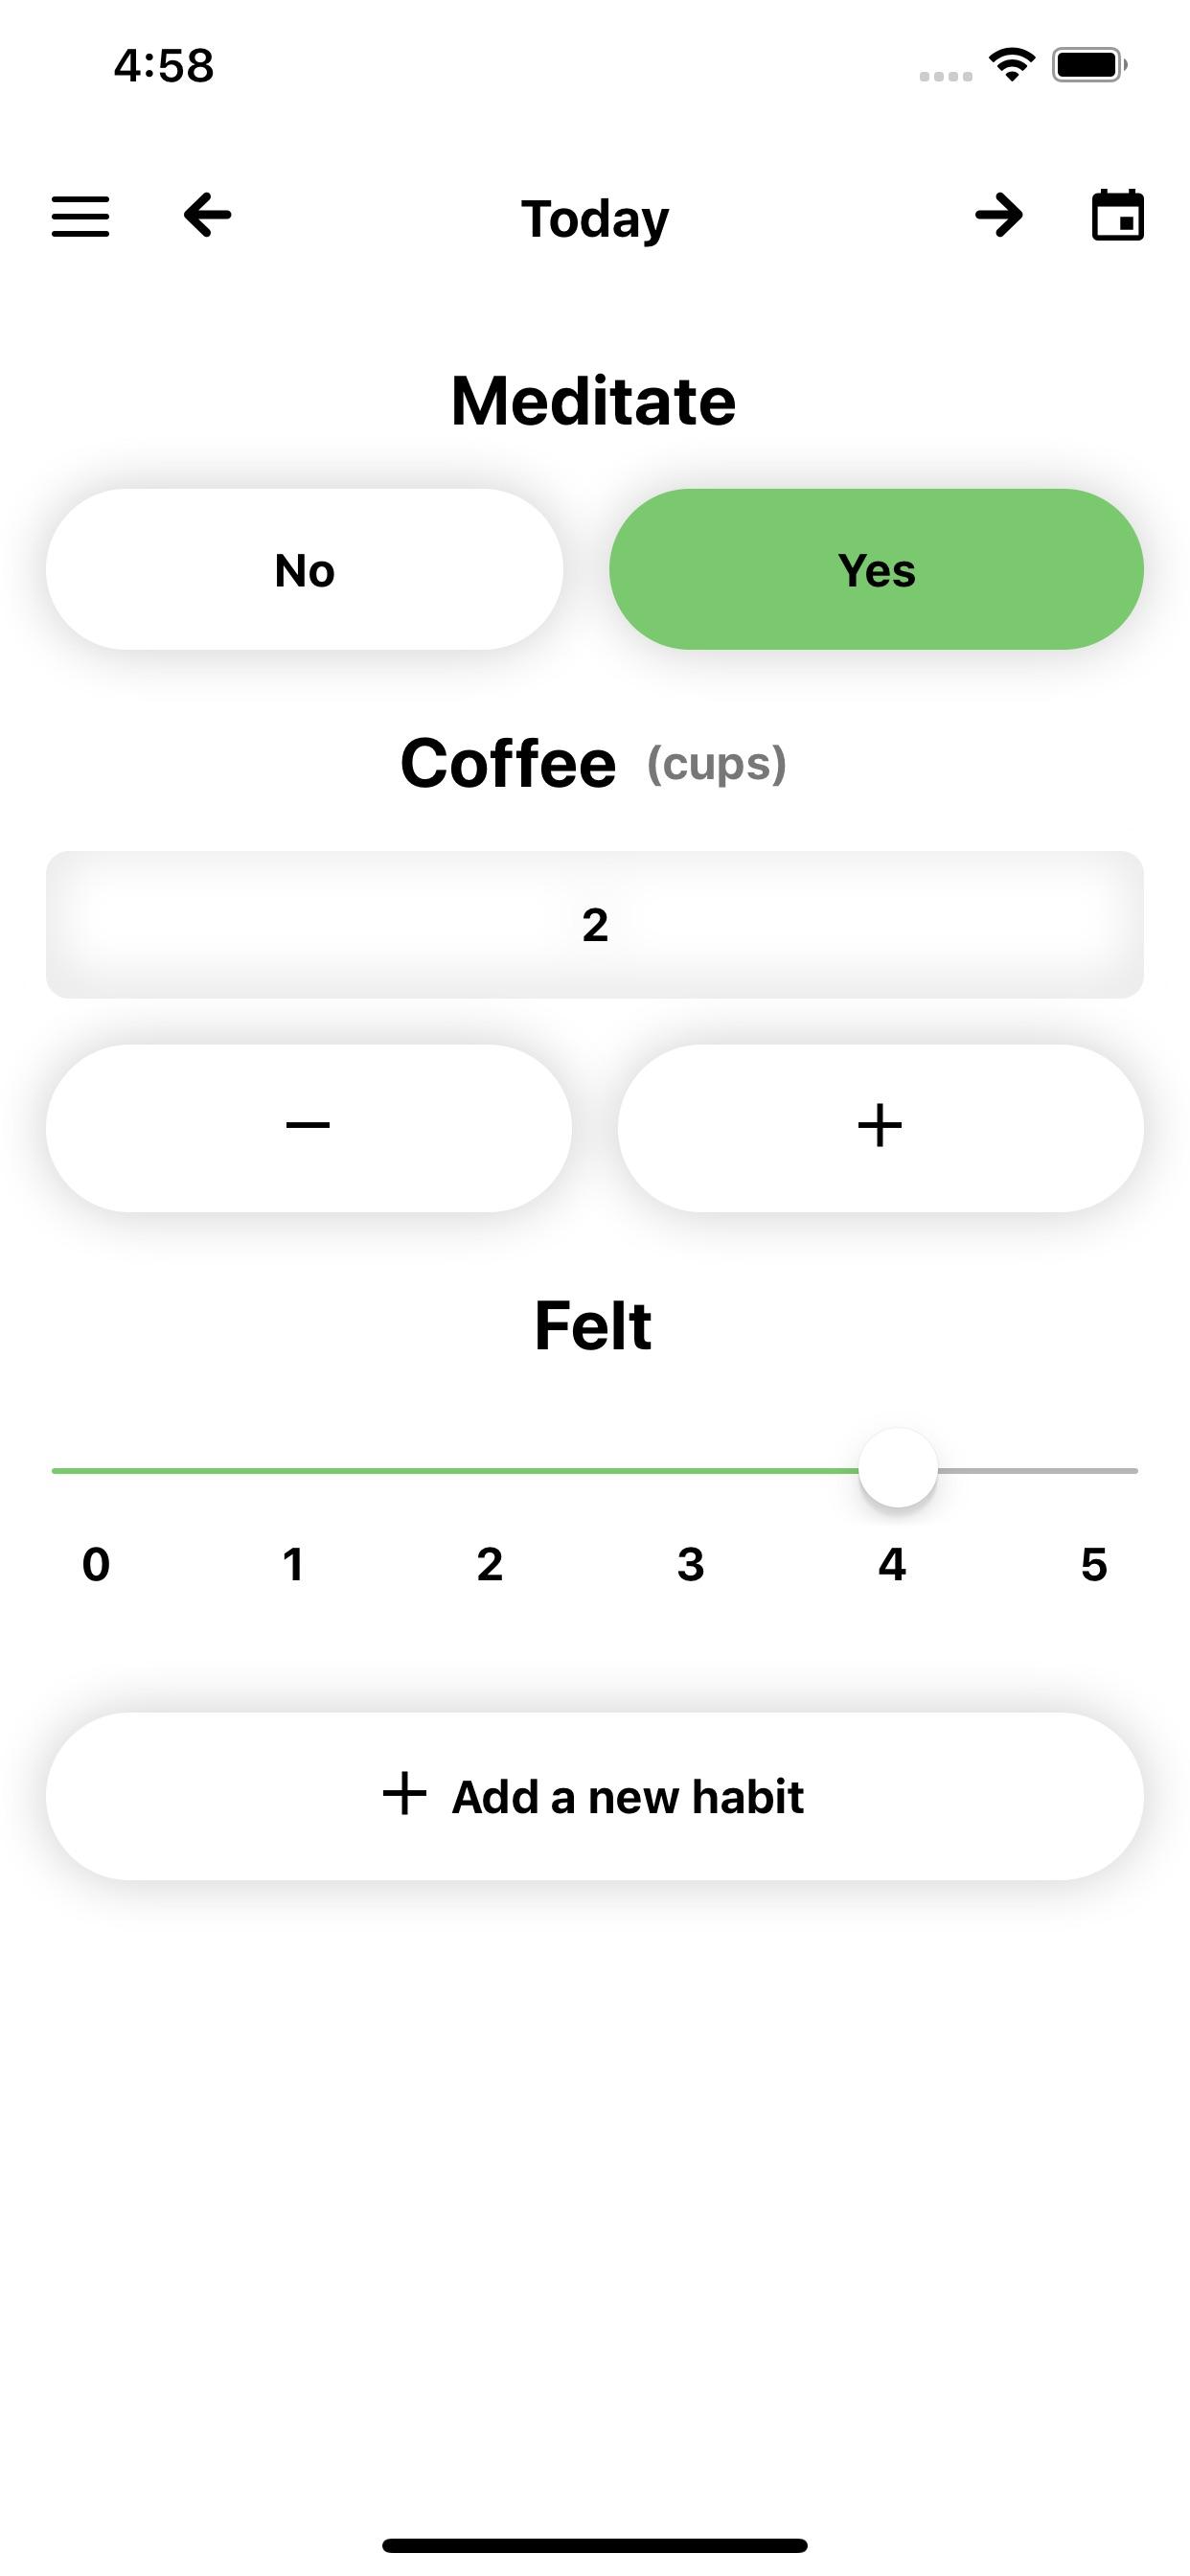 Aware - Daily Habit Tracker